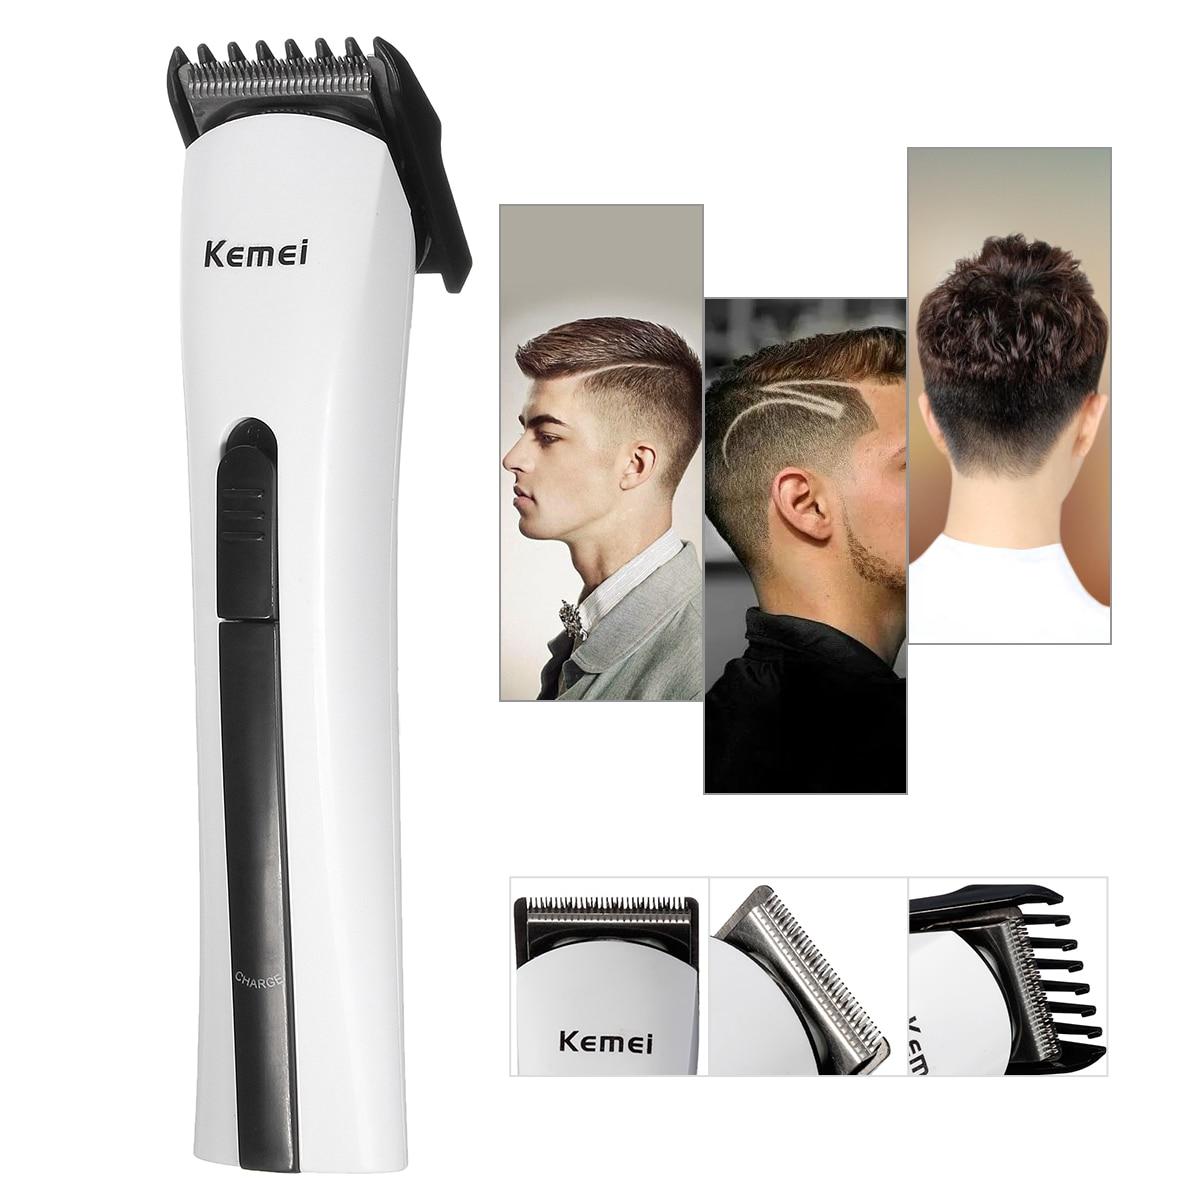 Триммер для волос Kemei AC220-240V, профессиональная машинка для стрижки волос, беспроводная перезаряжаемая машинка для стрижки волос, бритва, GT-001